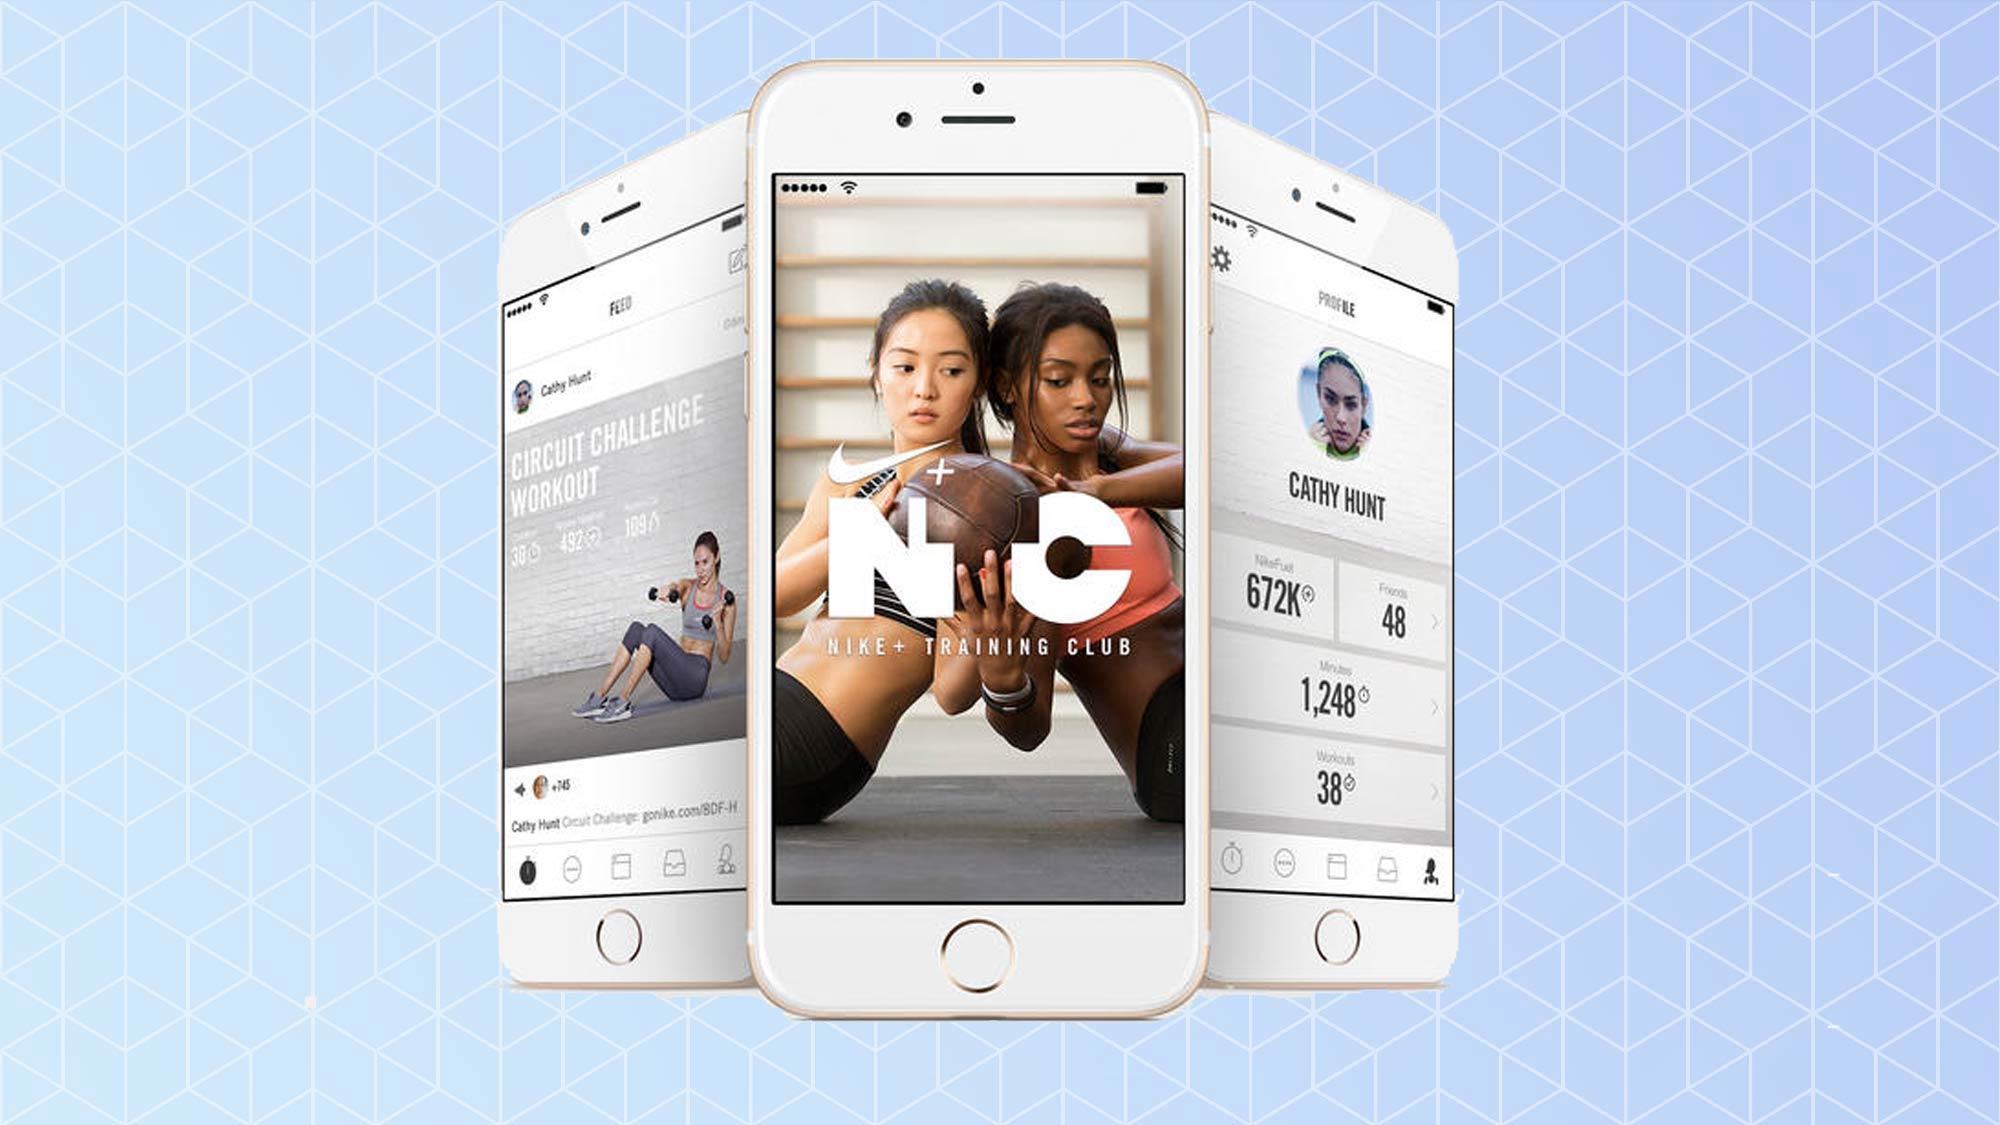 Application Nike Training Club NTC